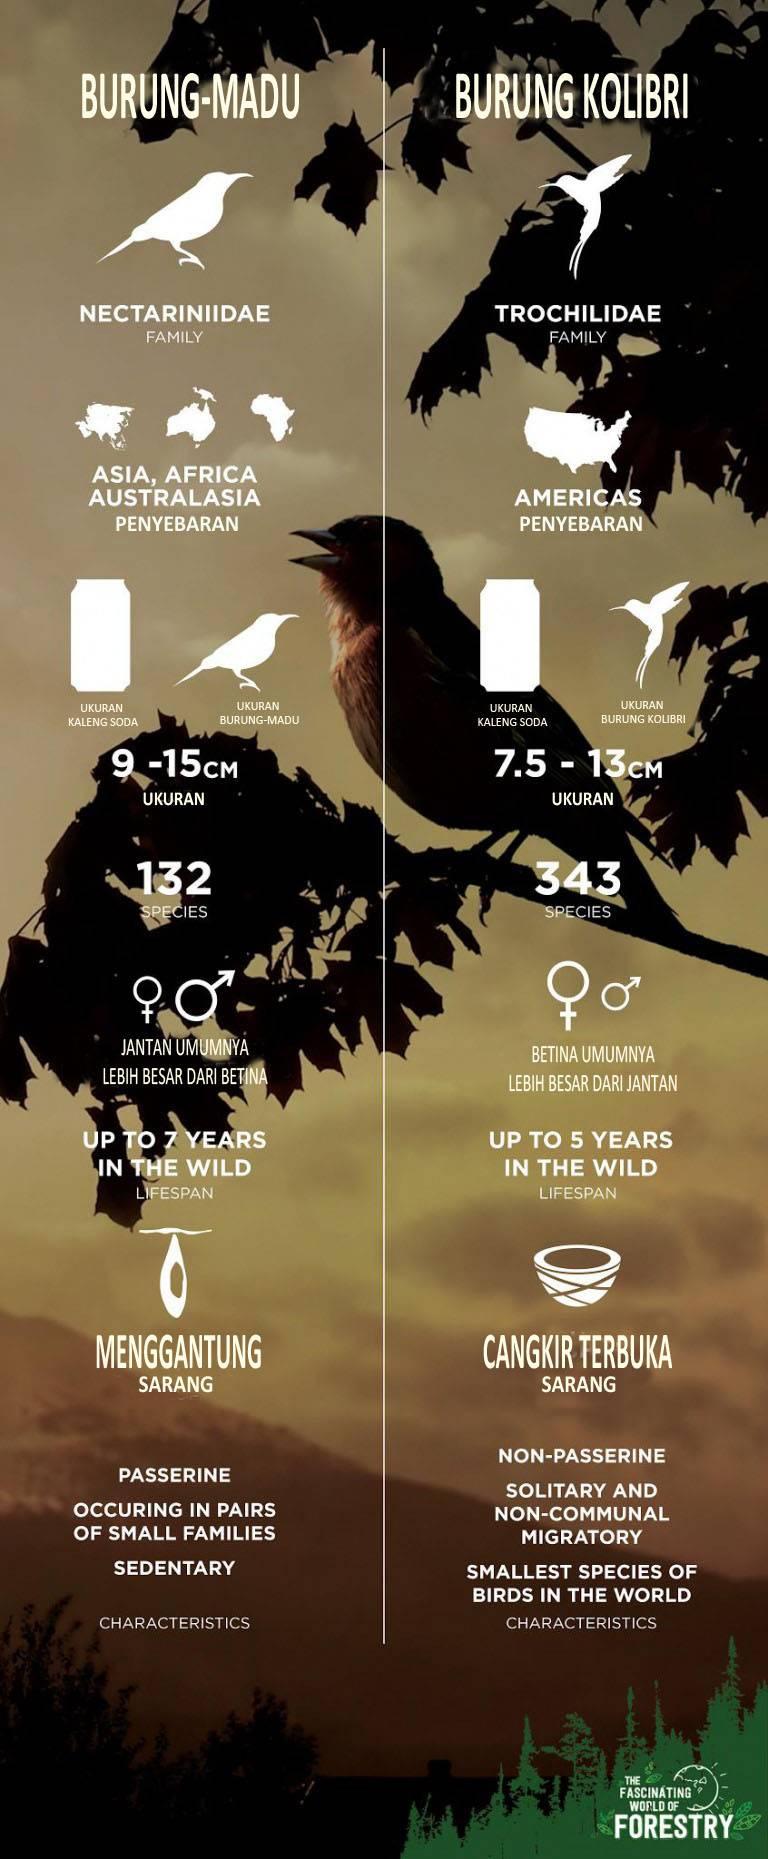 Gambar infografik perbedaan burung Kolibri dan burung Madu (trubus.id)